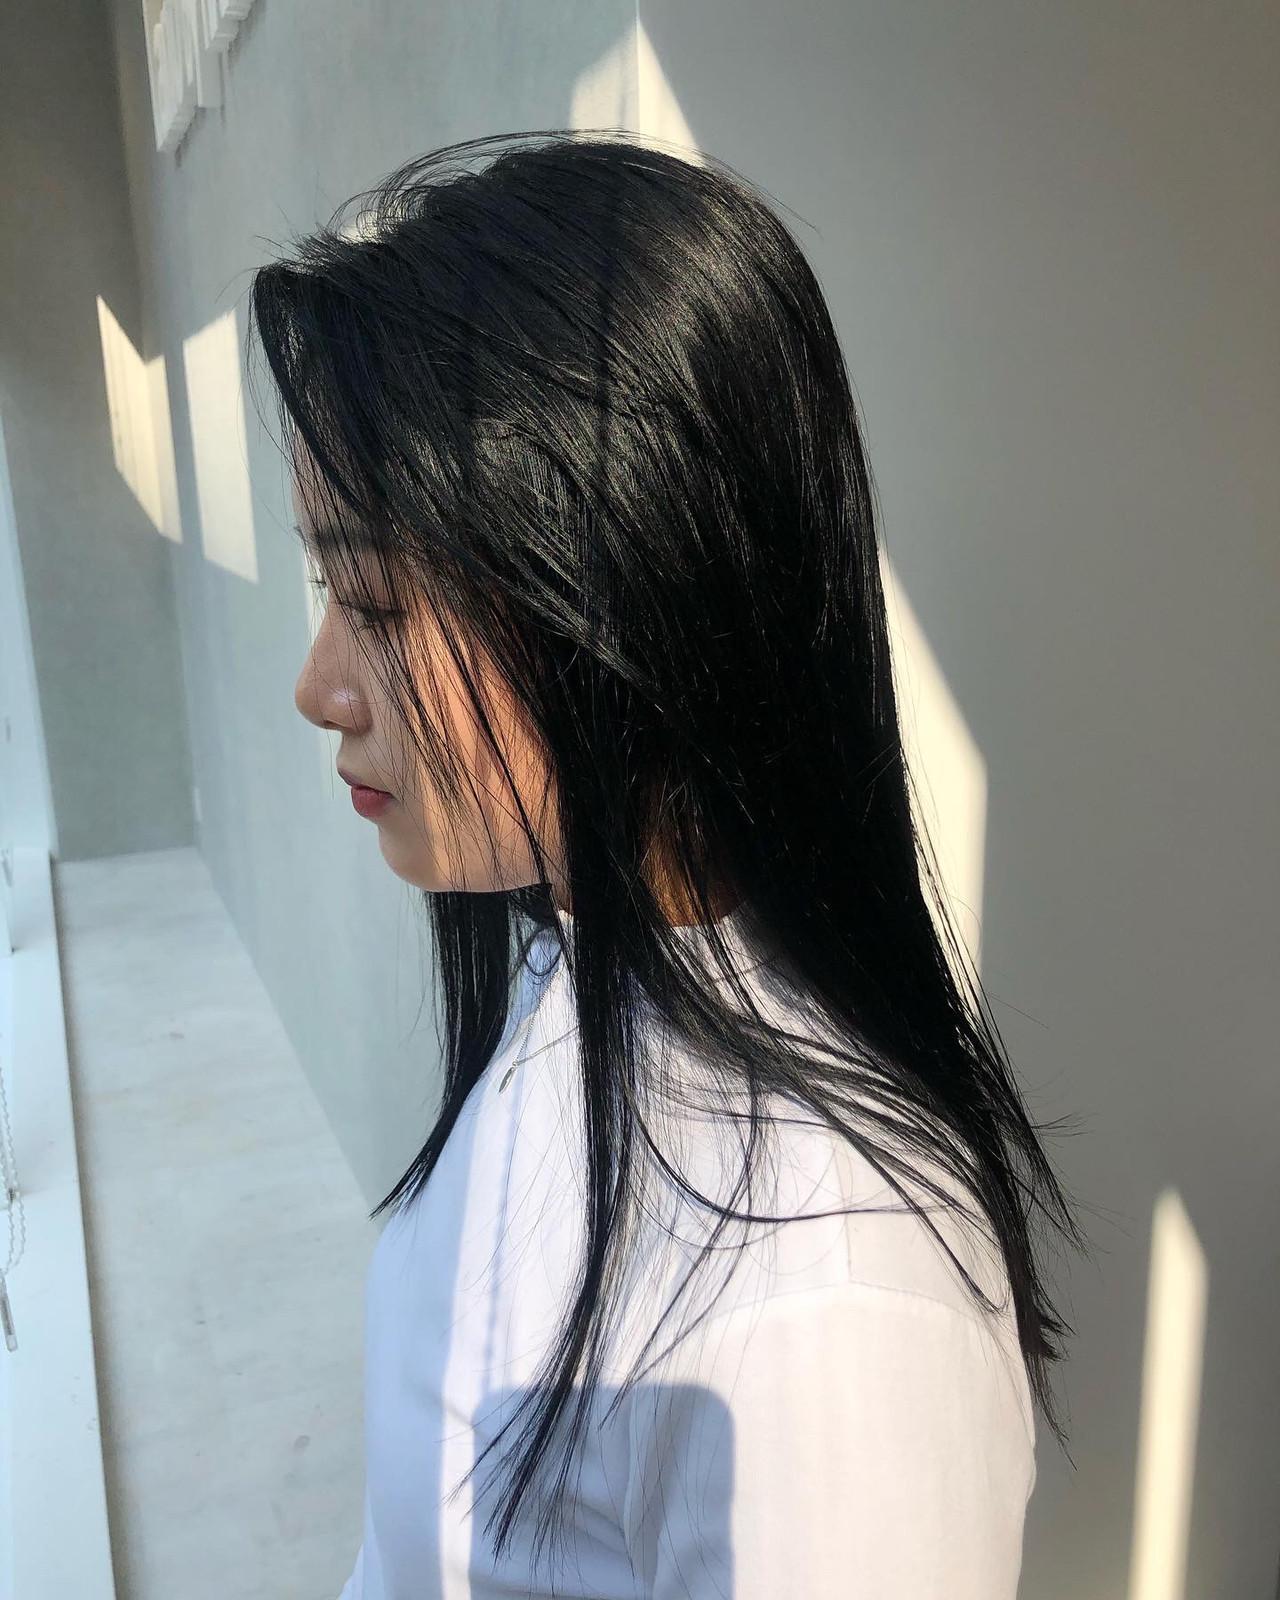 ナチュラル ロング シンプル 黒髪 ヘアスタイルや髪型の写真・画像